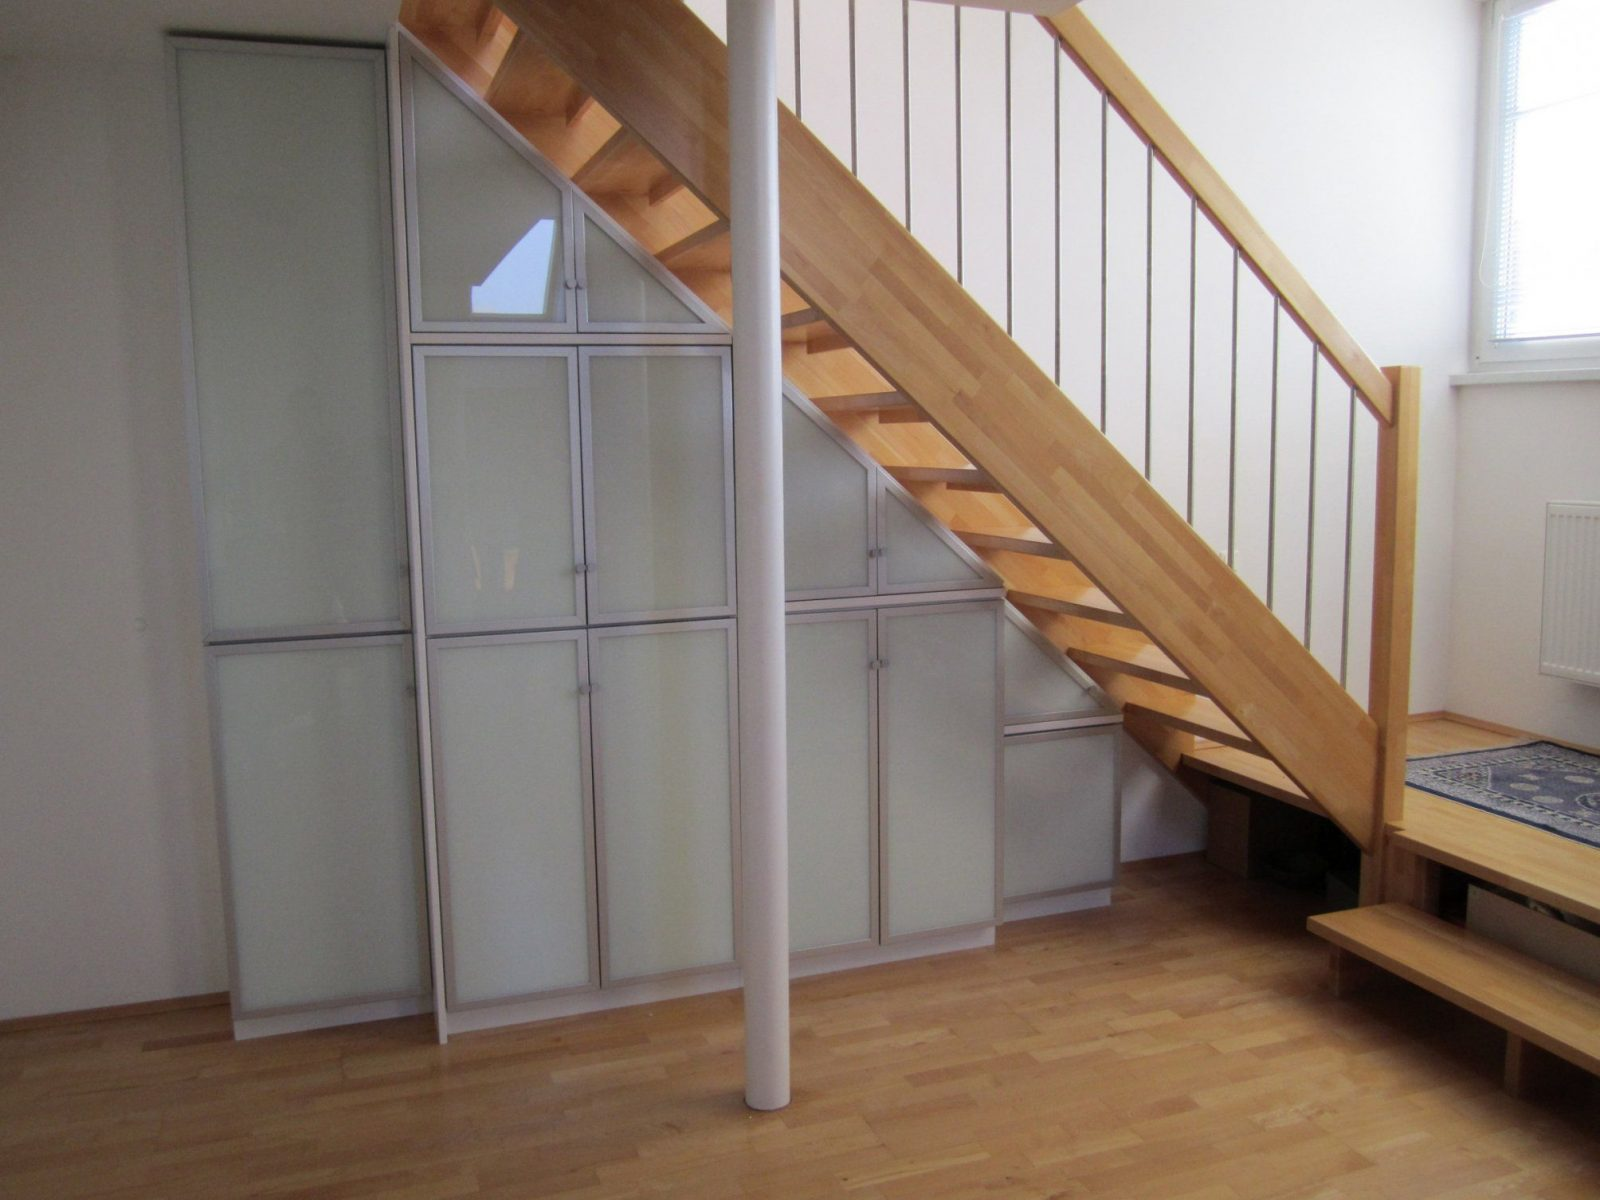 Spannende Schrank Unter Offener Treppe Selber Bauen Schrank Unter von Kindersicherung Treppe Selber Bauen Bild